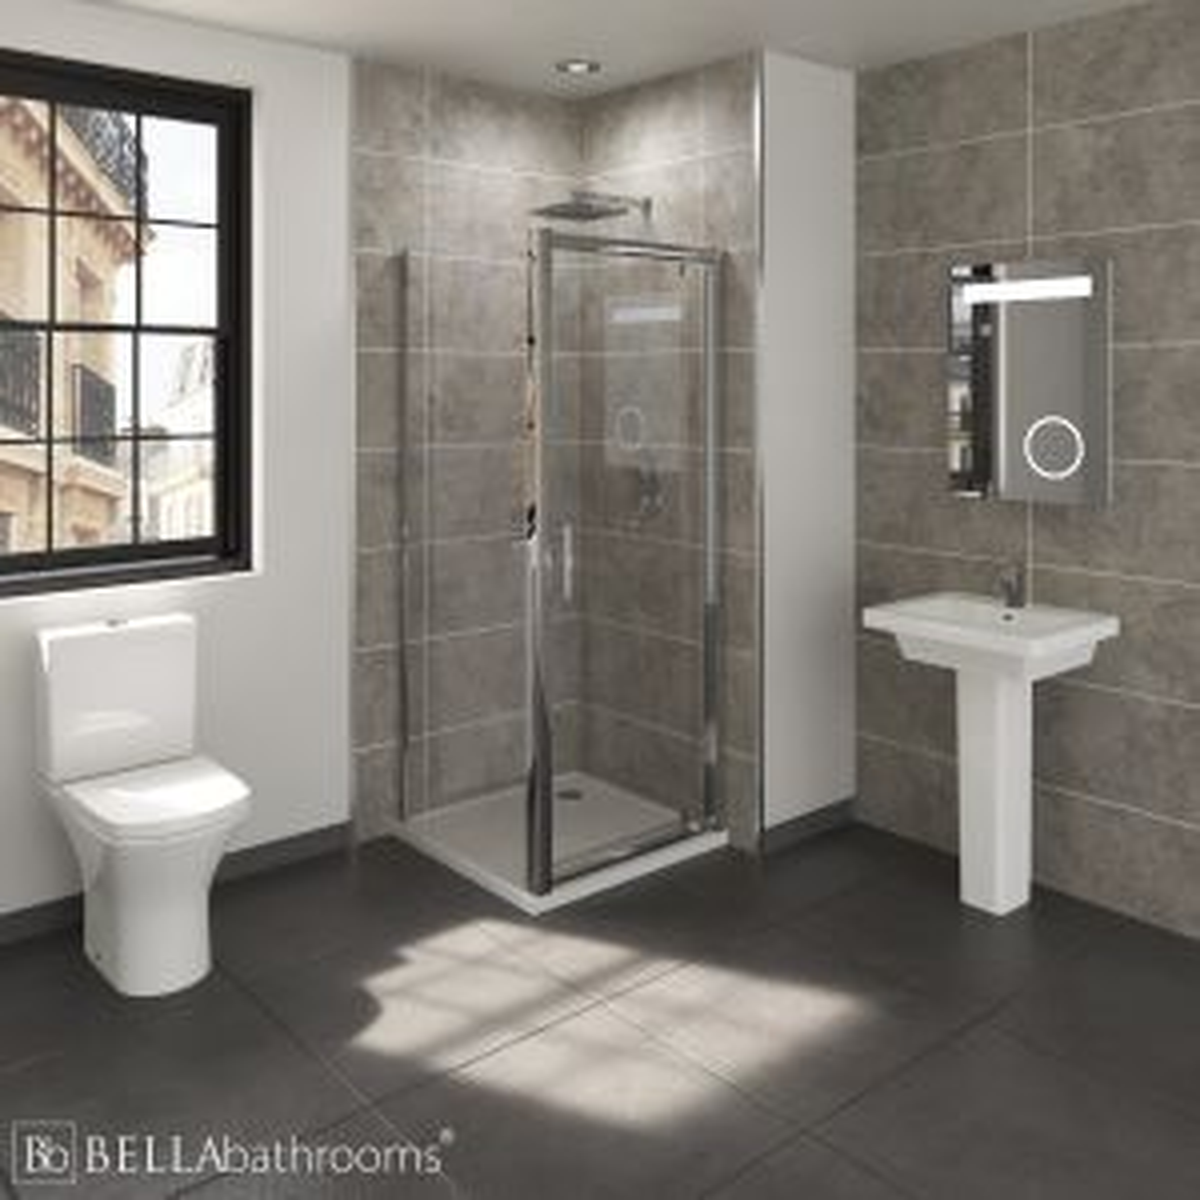 RAK Resort En-Suite with Pivot Door Shower Enclosure